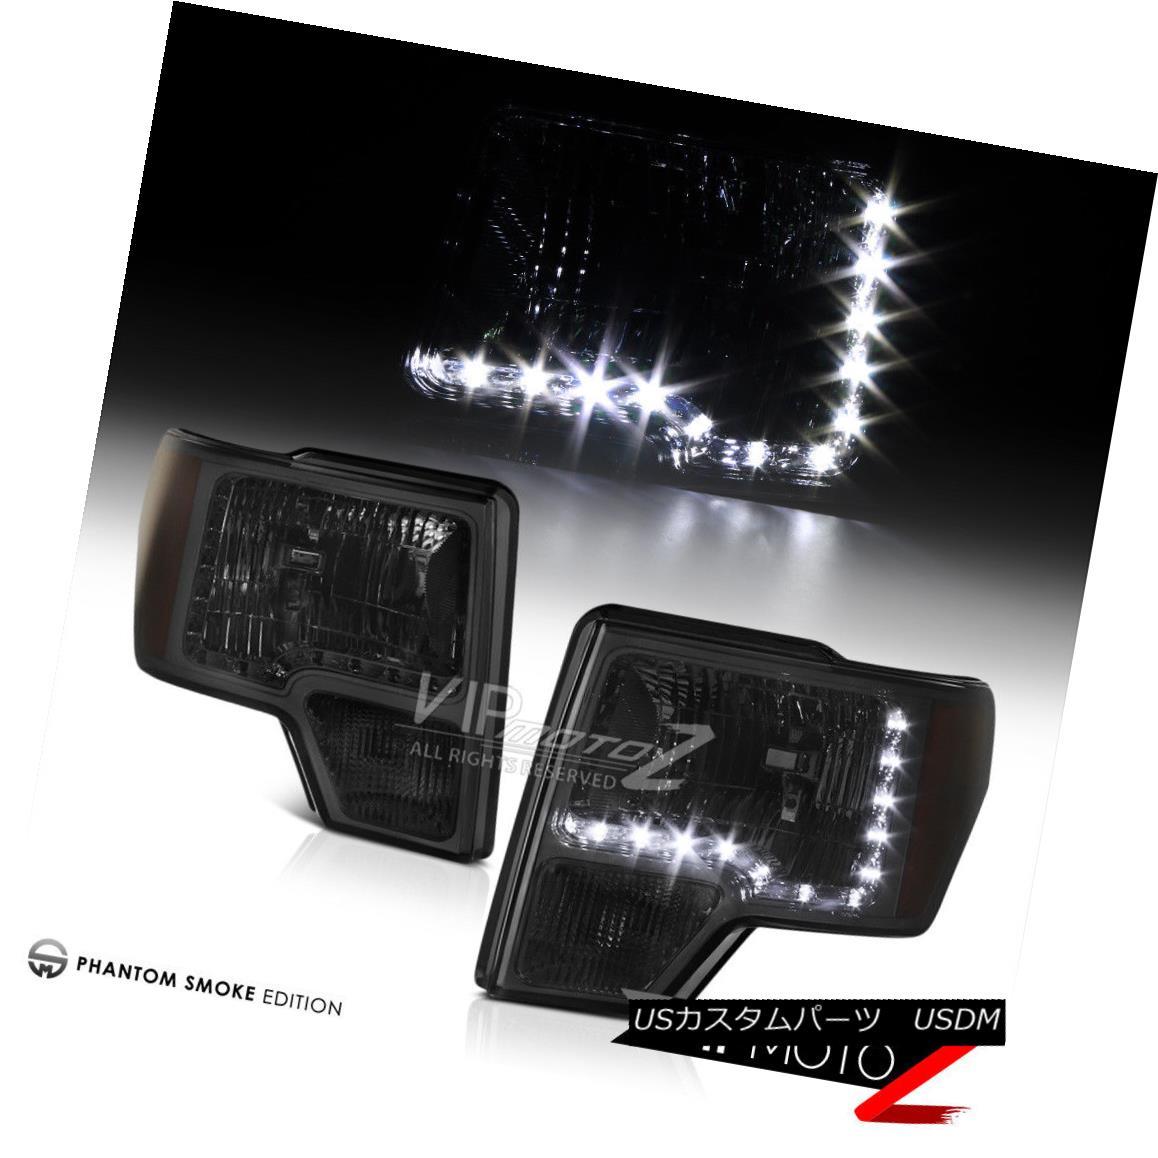 ヘッドライト Ford F150 2009-2014 L+R Smoke LED Diamond Cut Headlight Signal Bumper Lamp Ford F150 2009-2014 L + R Smoke LEDダイヤモンドカットヘッドライト信号バンパーランプ